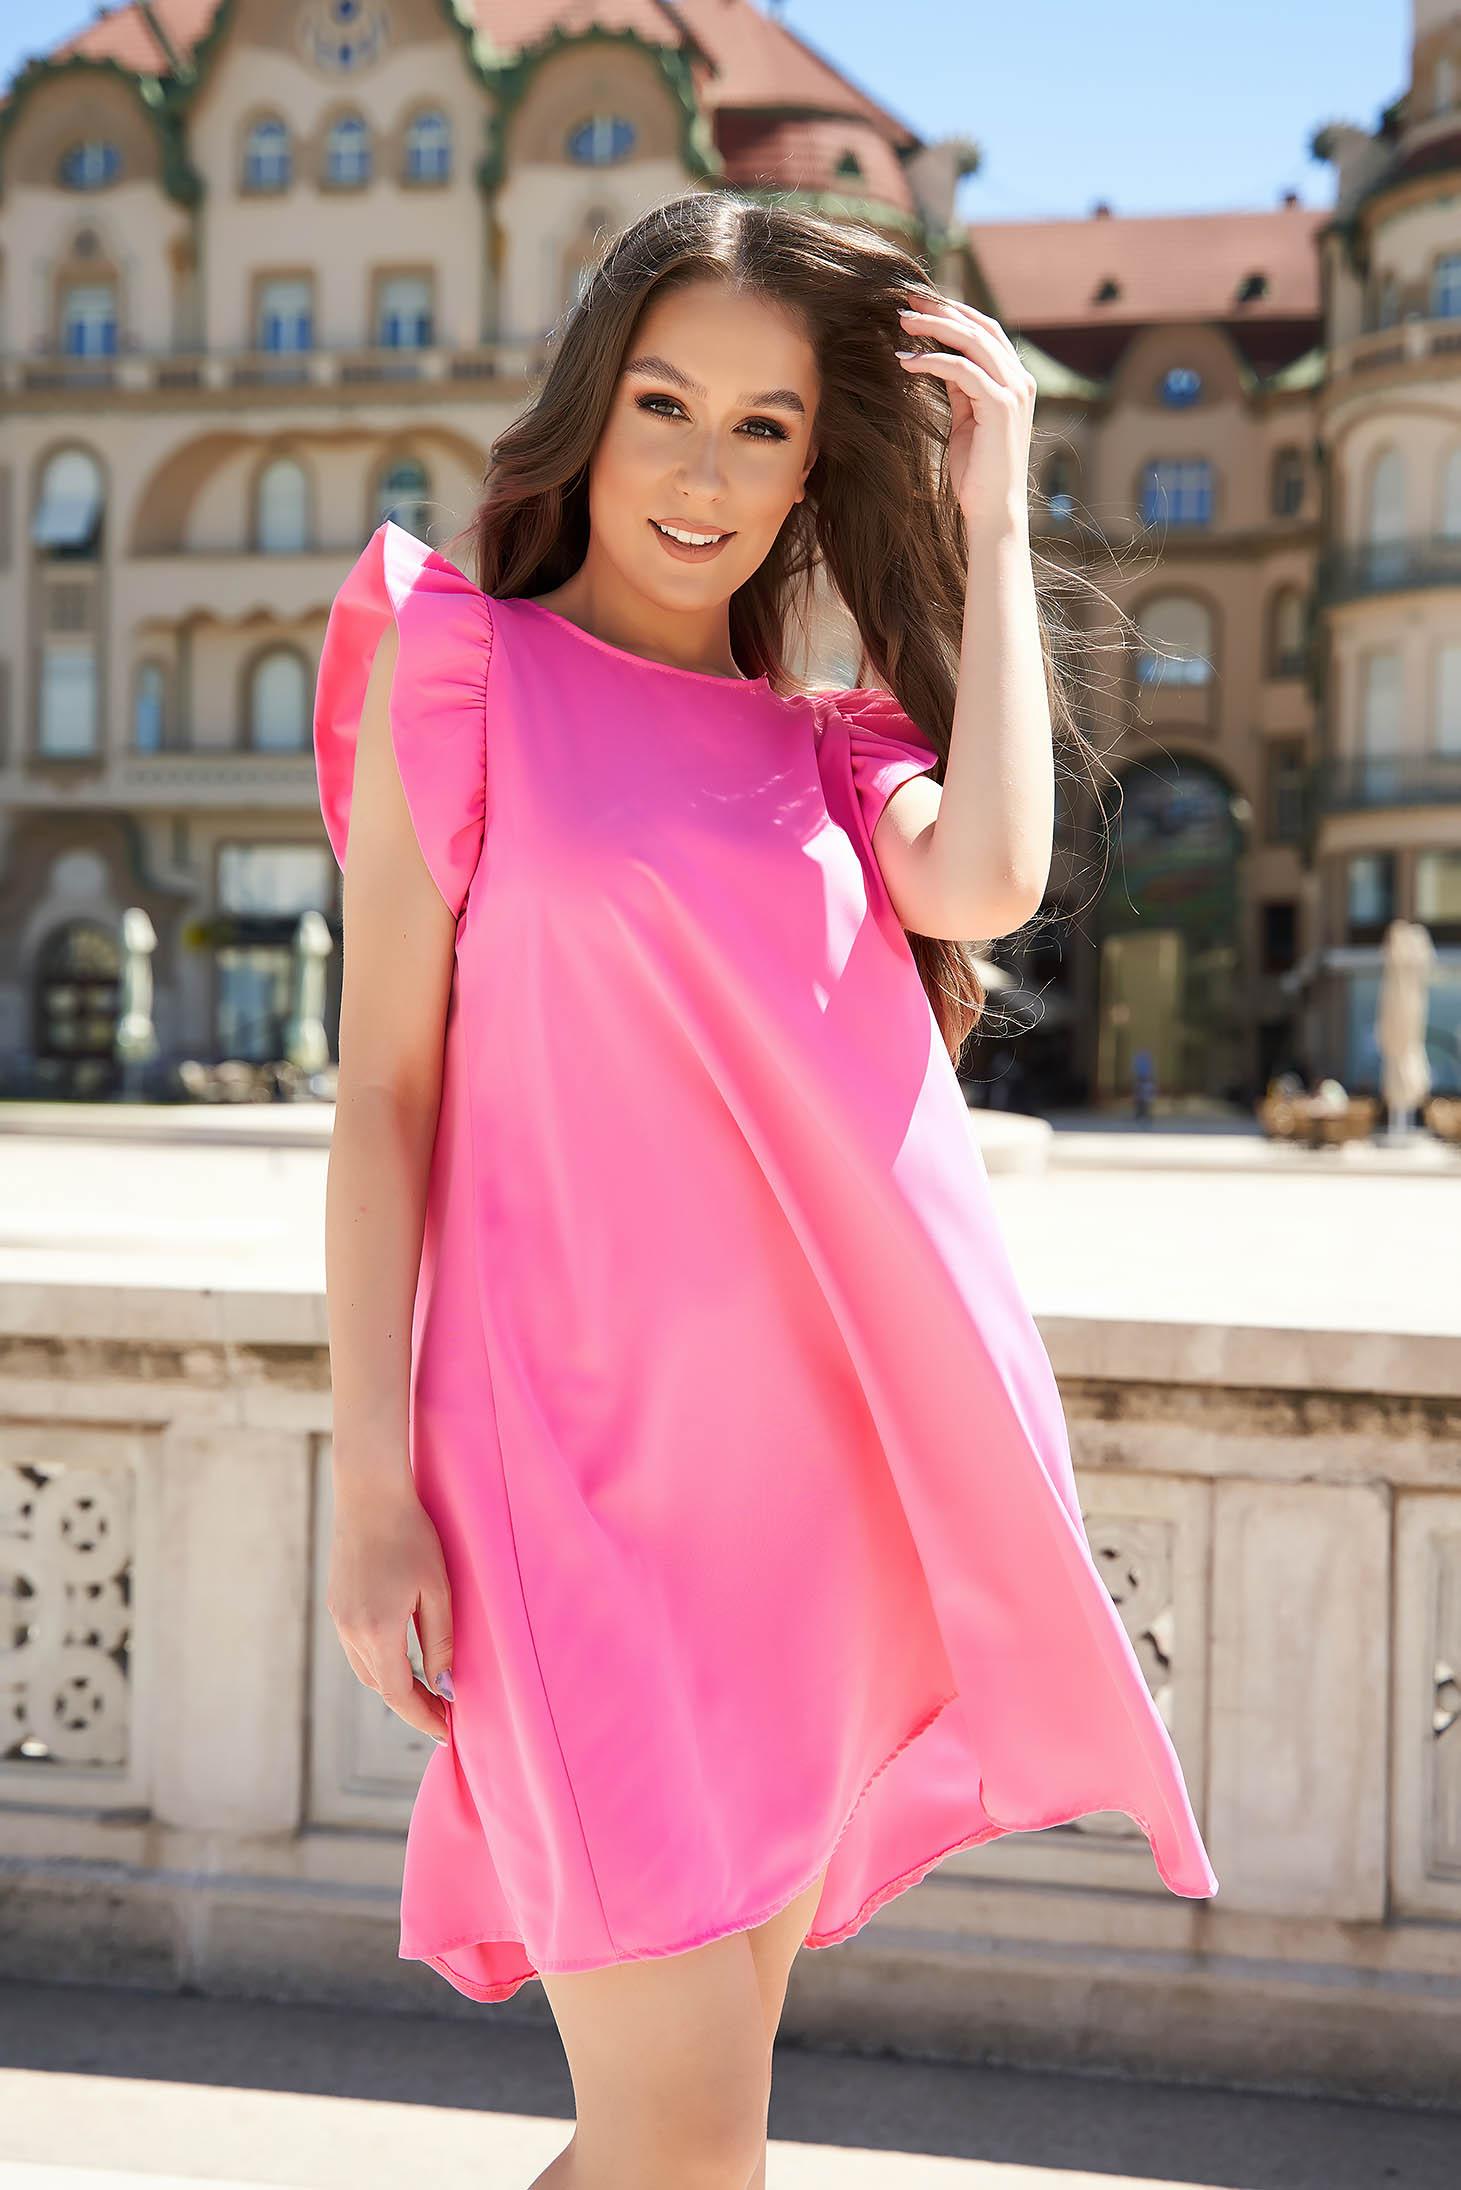 Rochie SunShine roz scurta cu croi larg cu maneci scurte si volanase